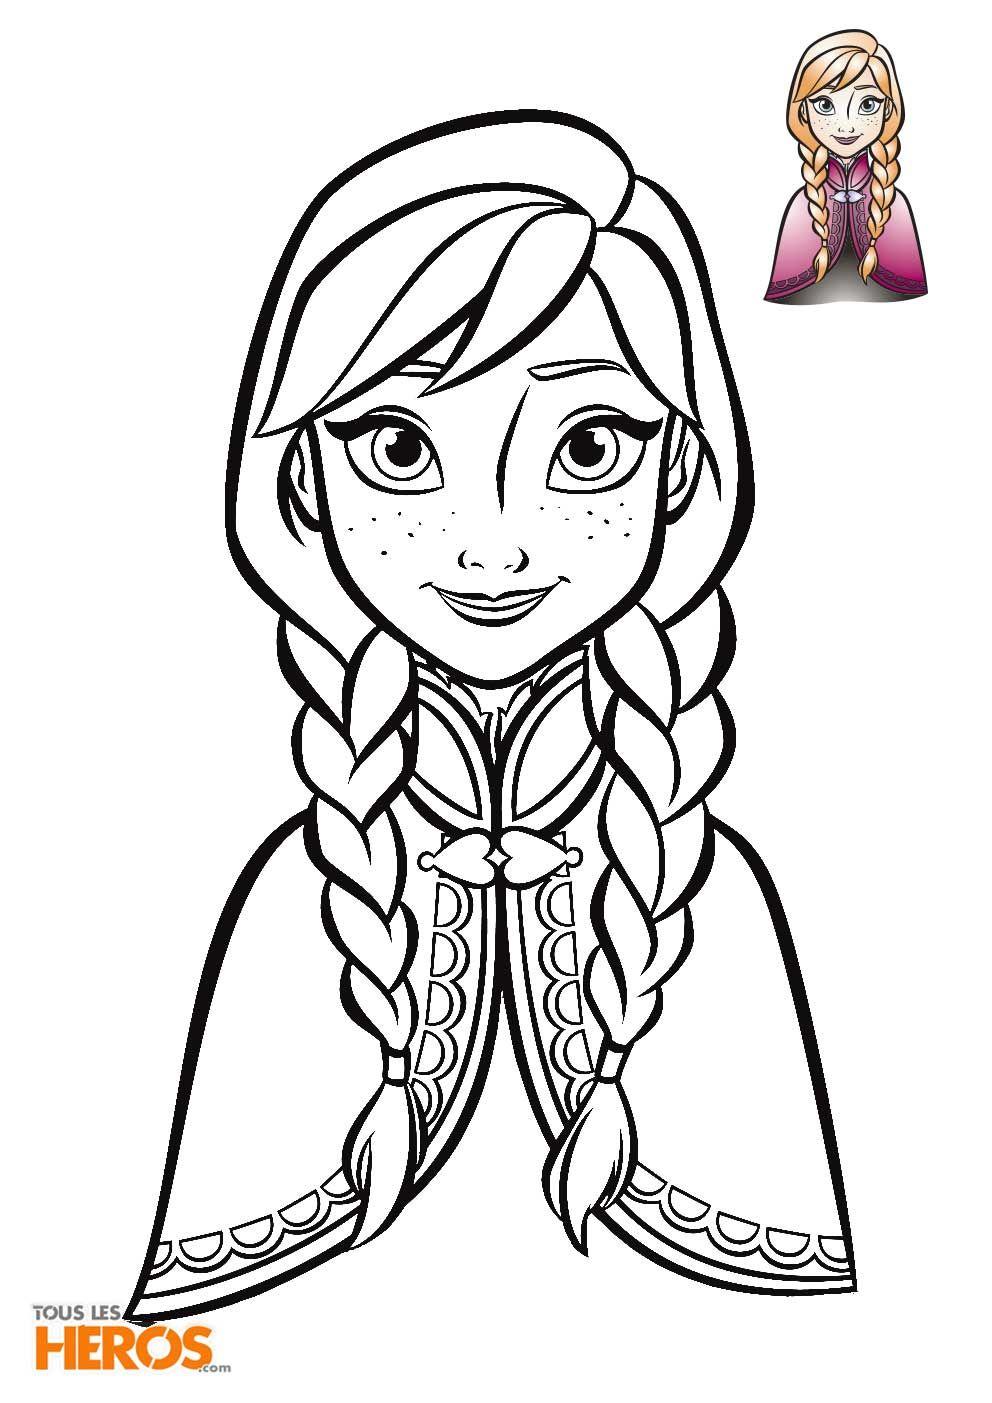 Coloriage Reine Des Neiges4 Jpg 992 1 403 Pixels Coloriage Reine Des Neiges Anna Reine Des Neiges Coloriage Elsa